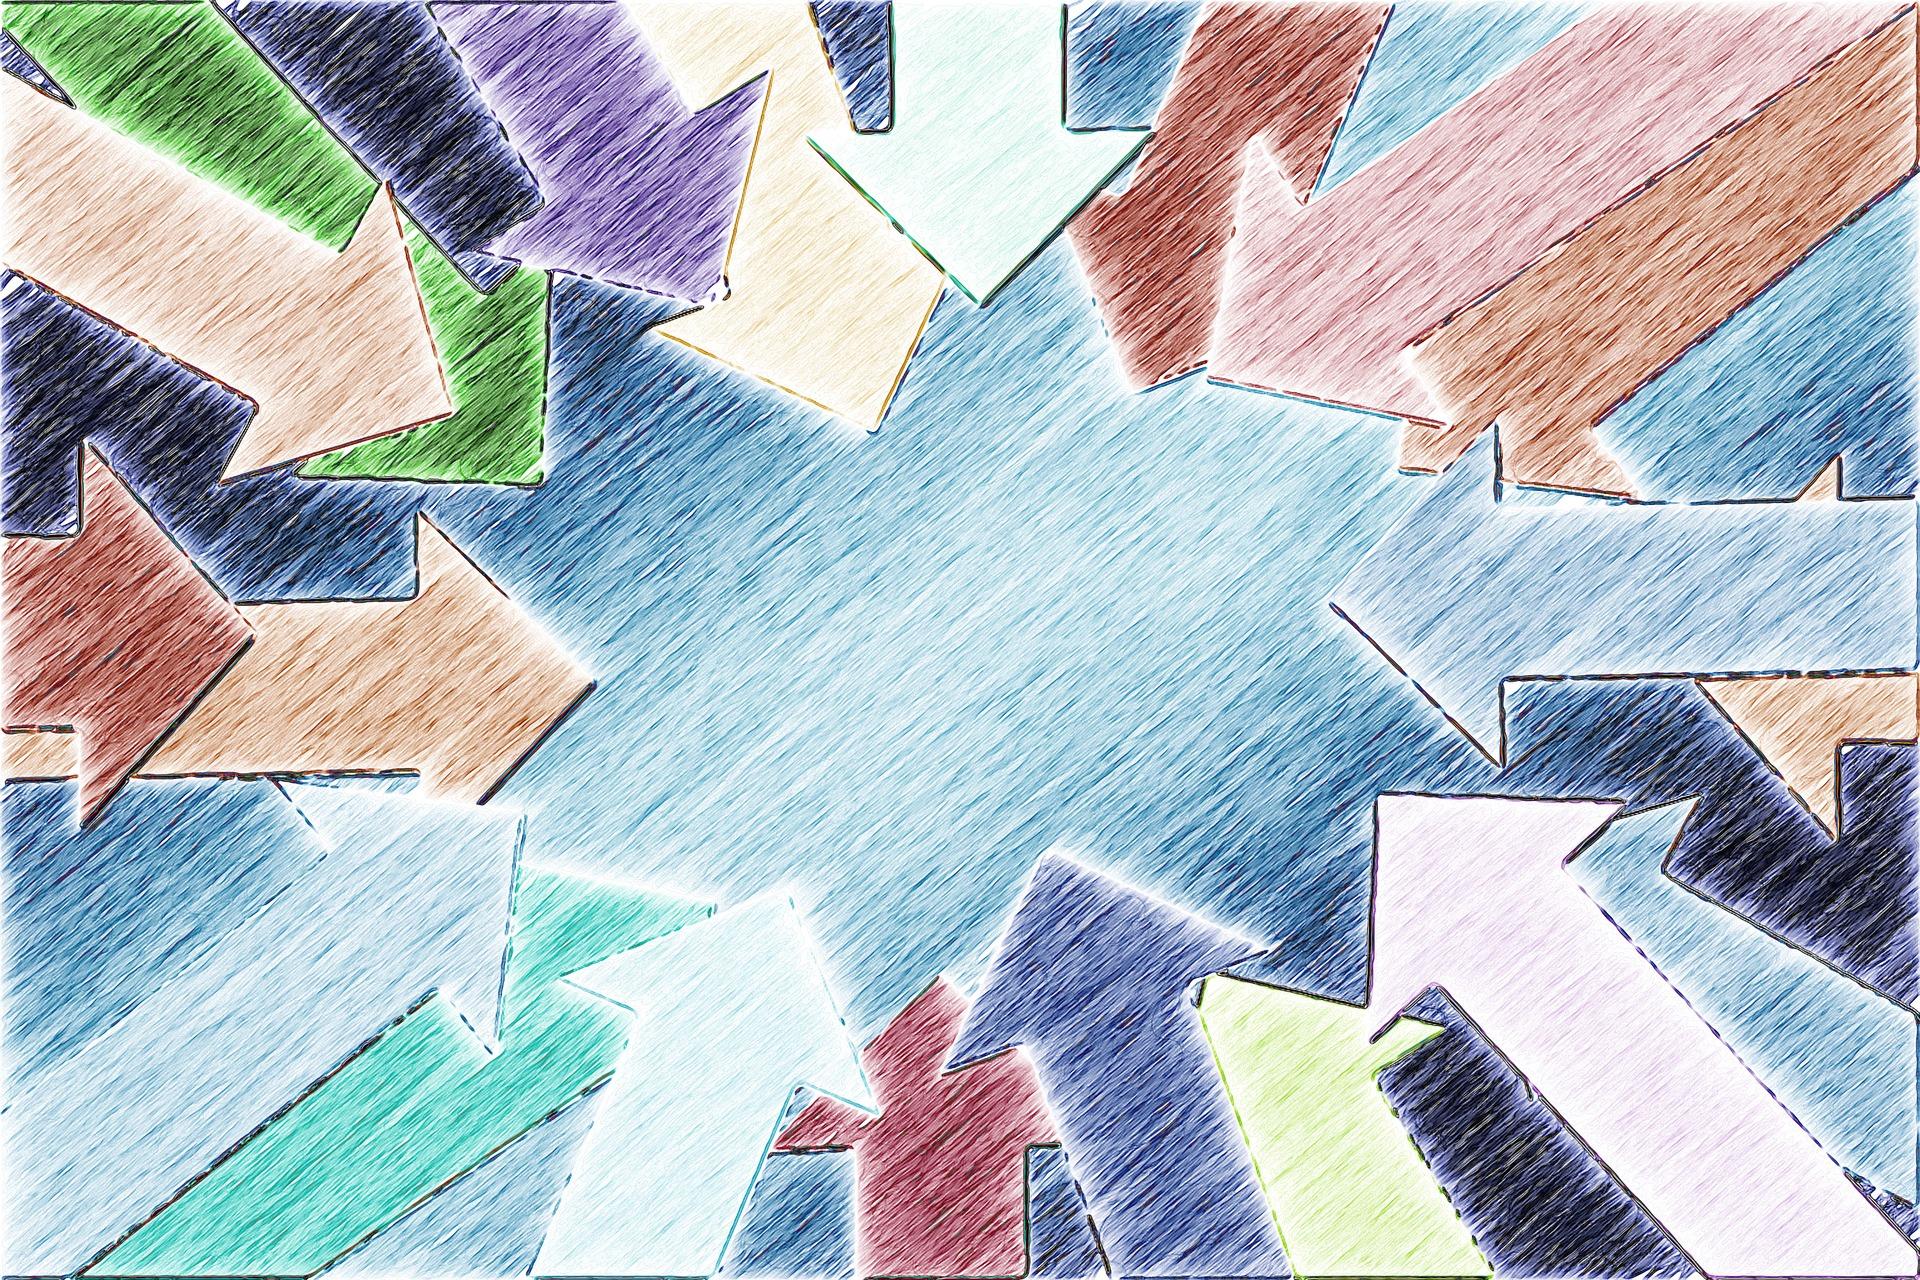 arrows-1426326_1920.jpg